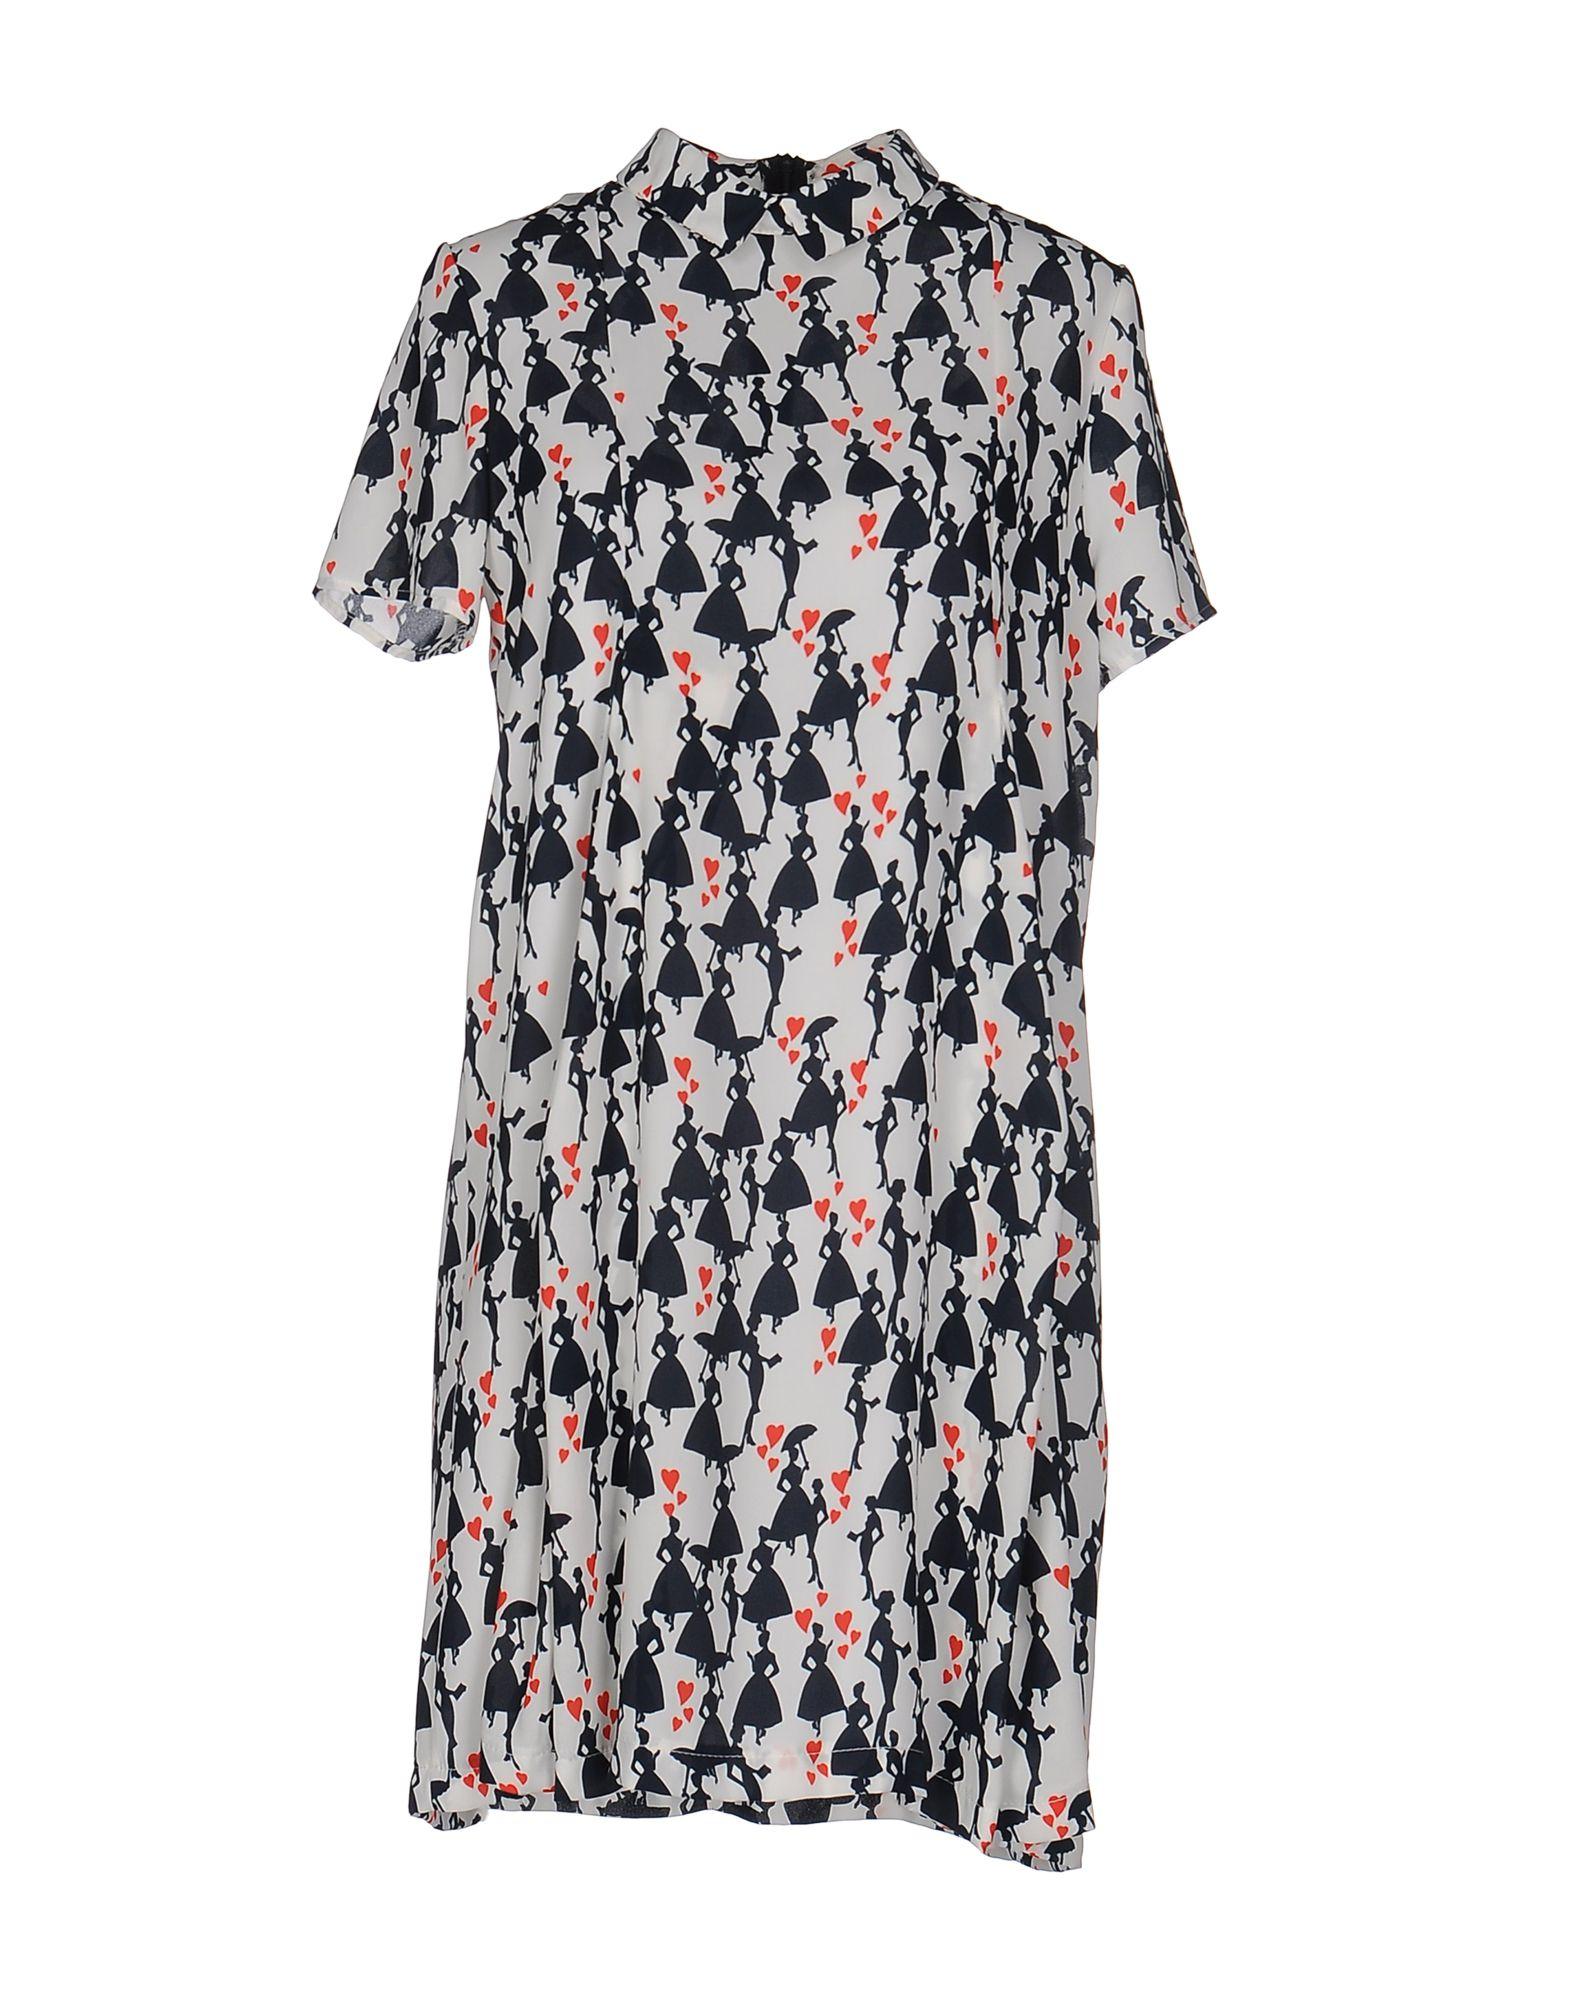 ANGELA MELE MILANO Короткое платье платья angela платье